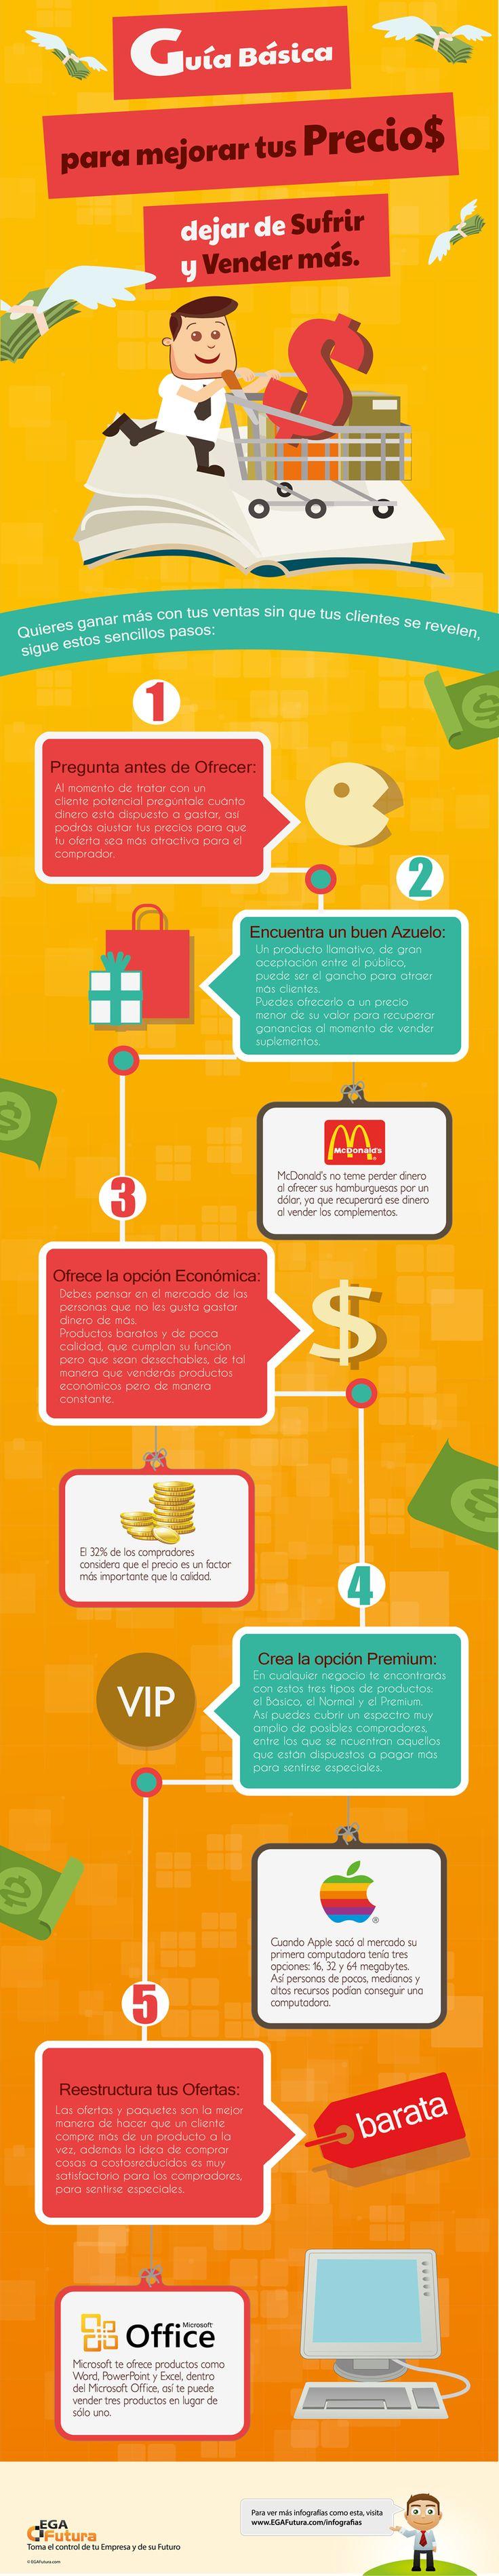 Cómo mejorar precios - dejar de sufrir y vender más vía: www.EGAfutura.com/infografias #infografia #infographic #marketing